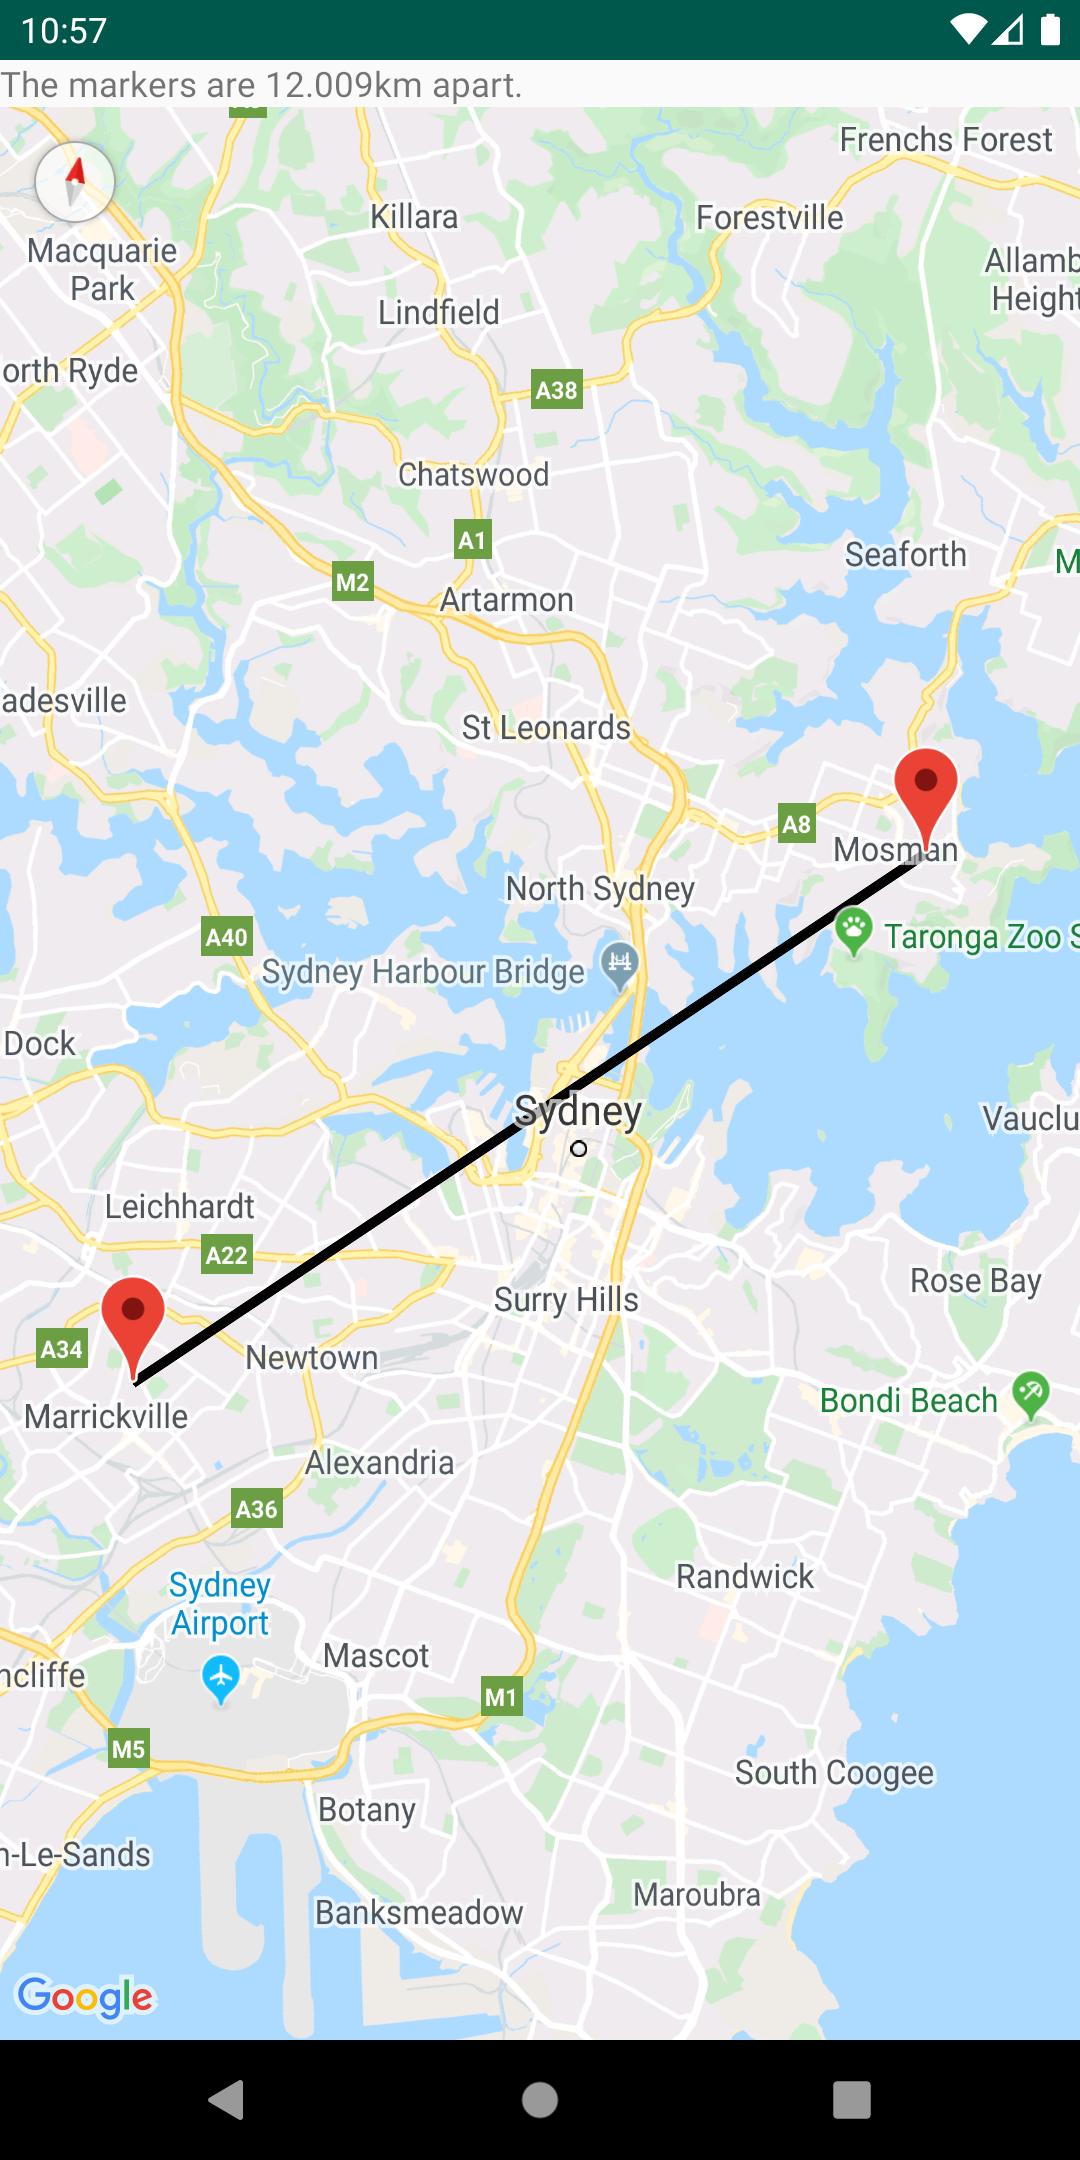 지도 상에서 두 지점 간의 거리 계산